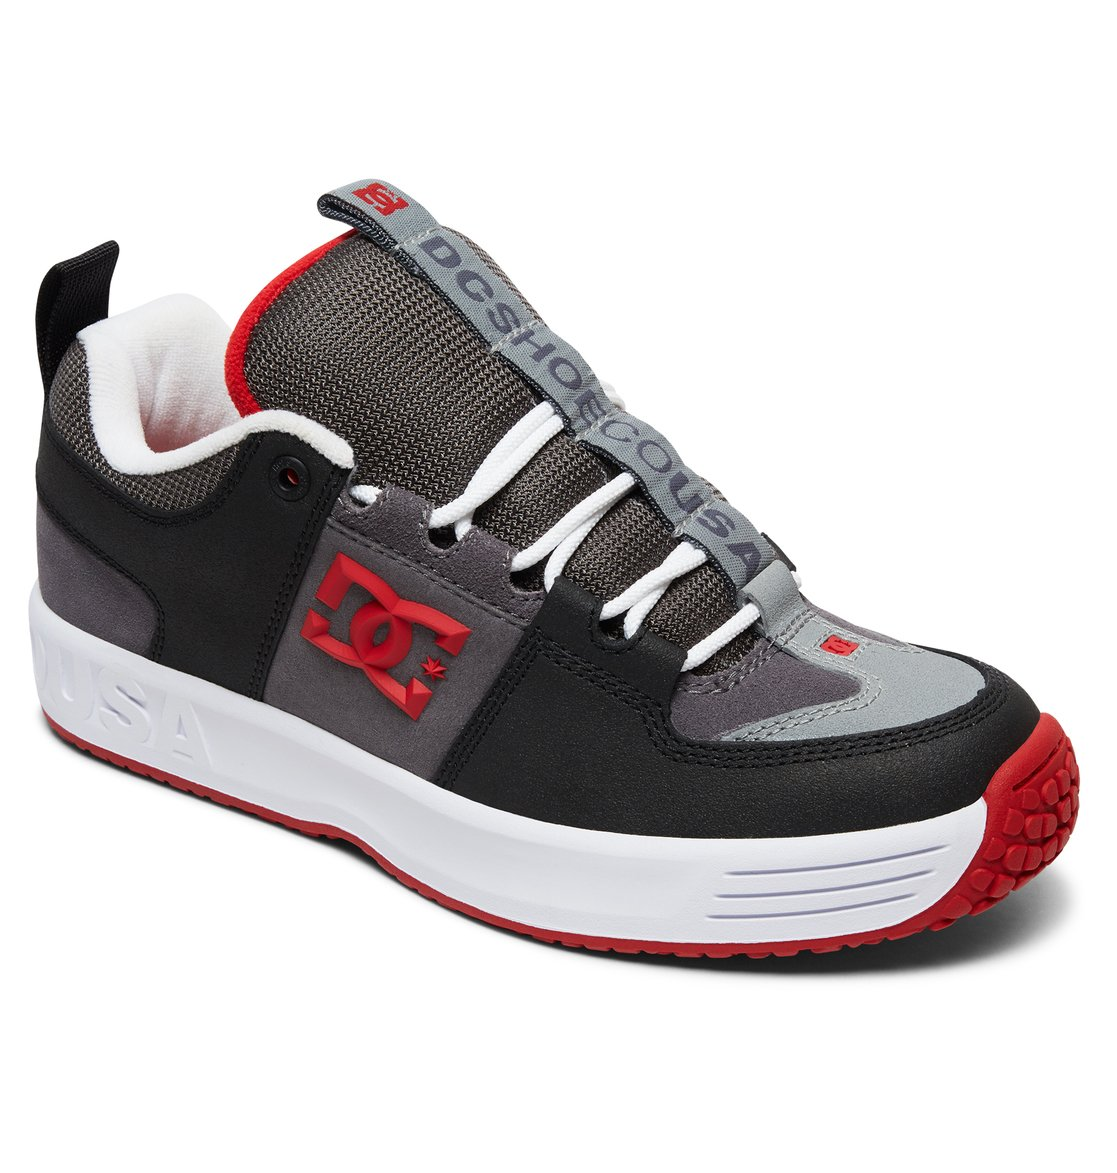 dc shoes Lynx OG - Scarpe da skate da Uomo - Gray - DC Shoes